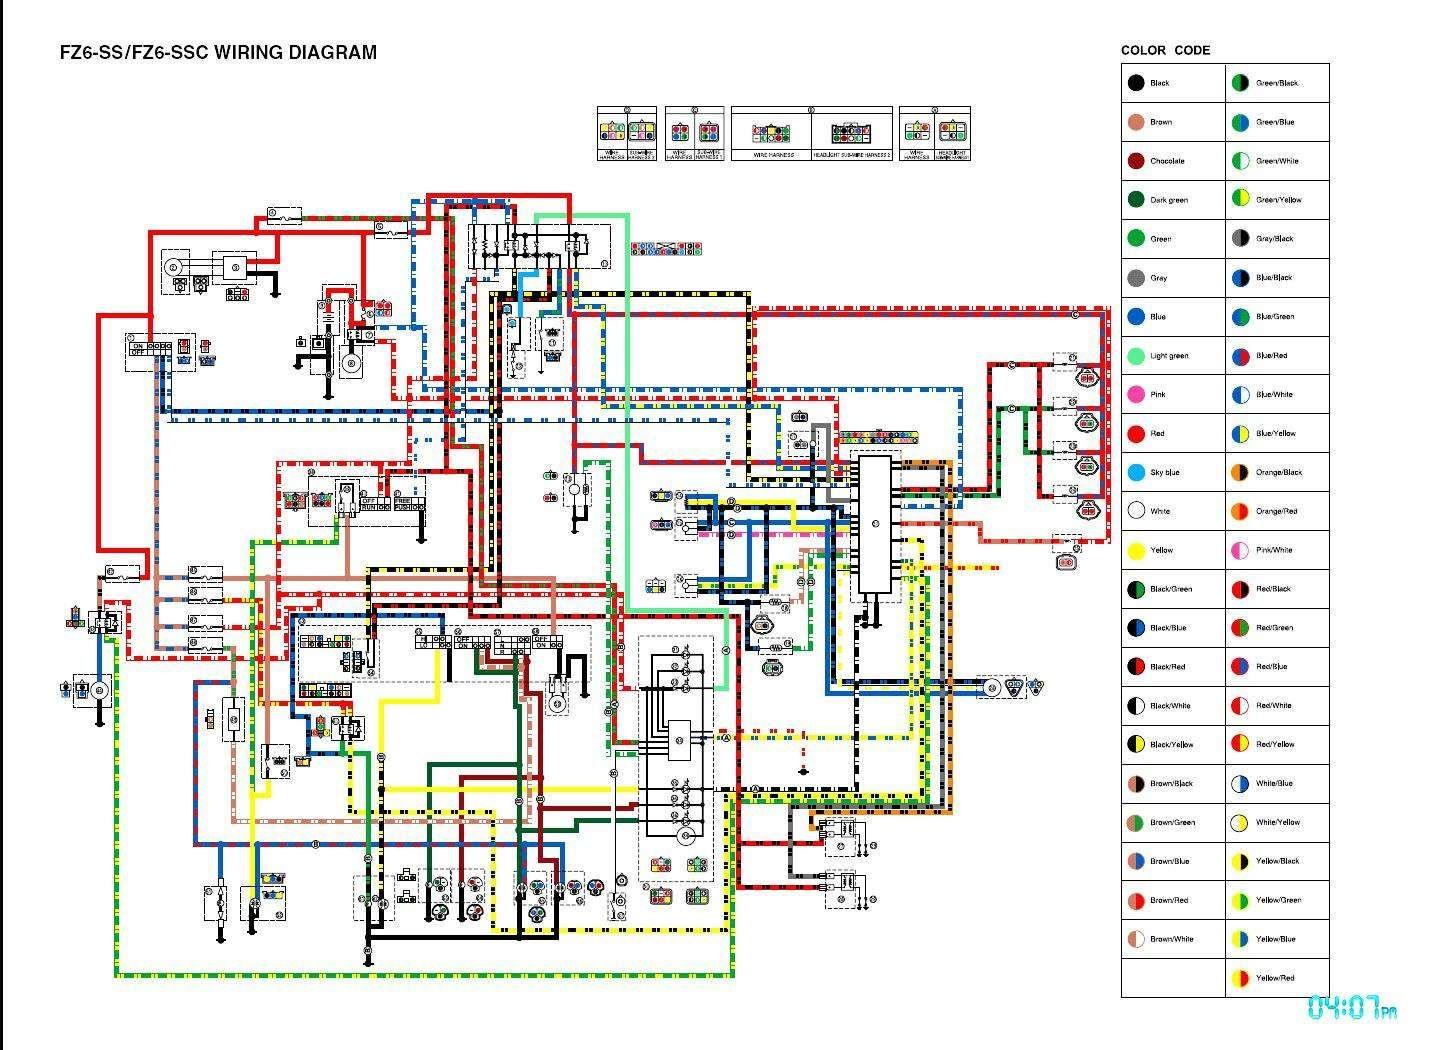 Wiring Diagram Outlets (Có hình ảnh)